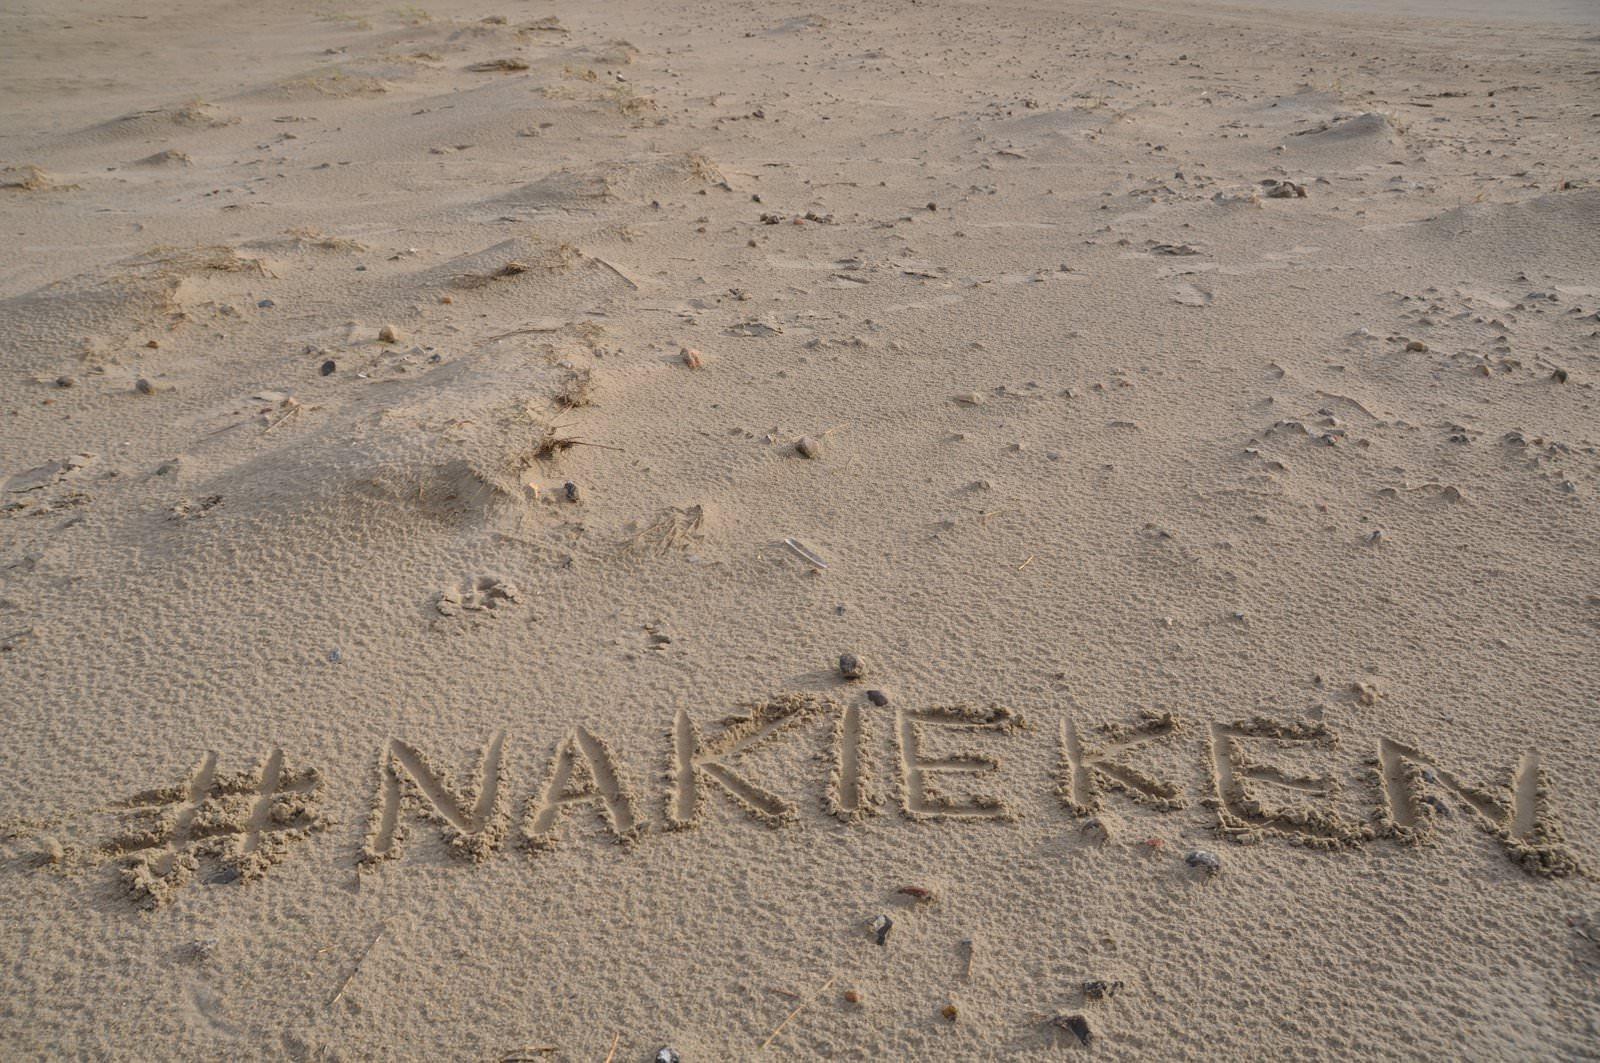 Mein Hashtag #nakieken